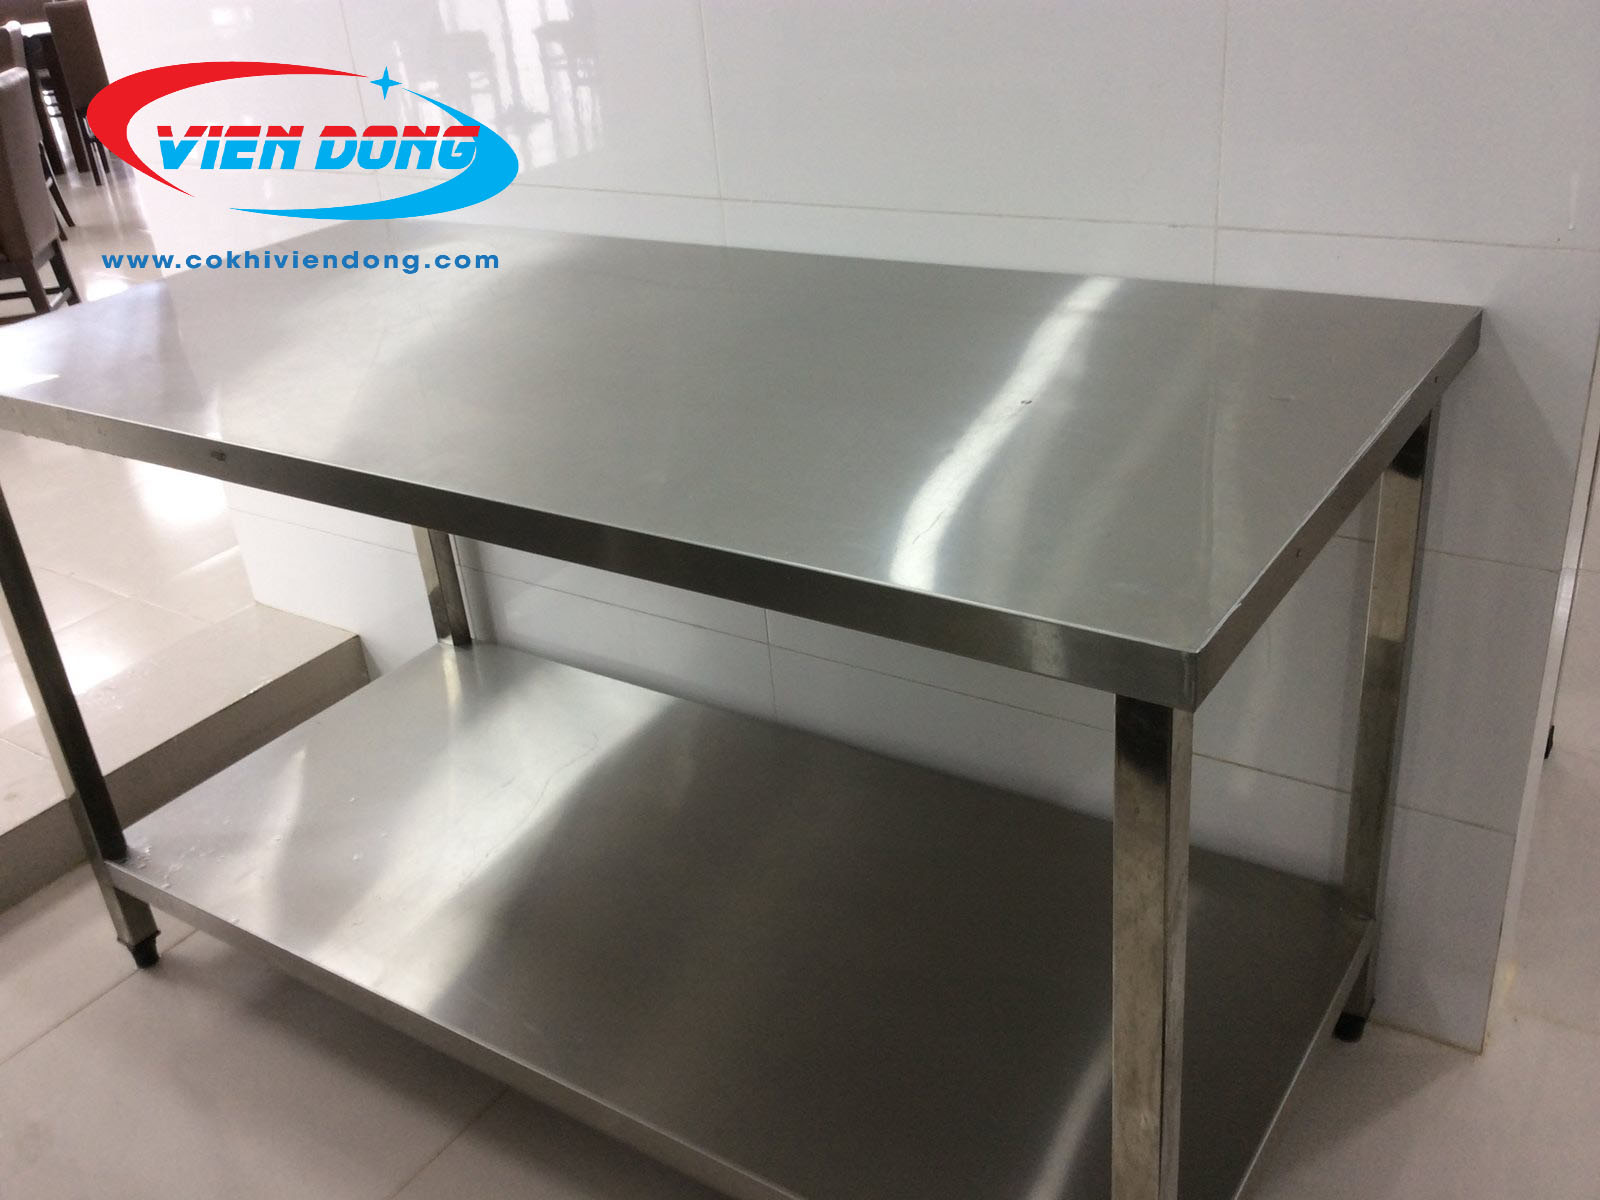 bàn bếp inox công nghiệp